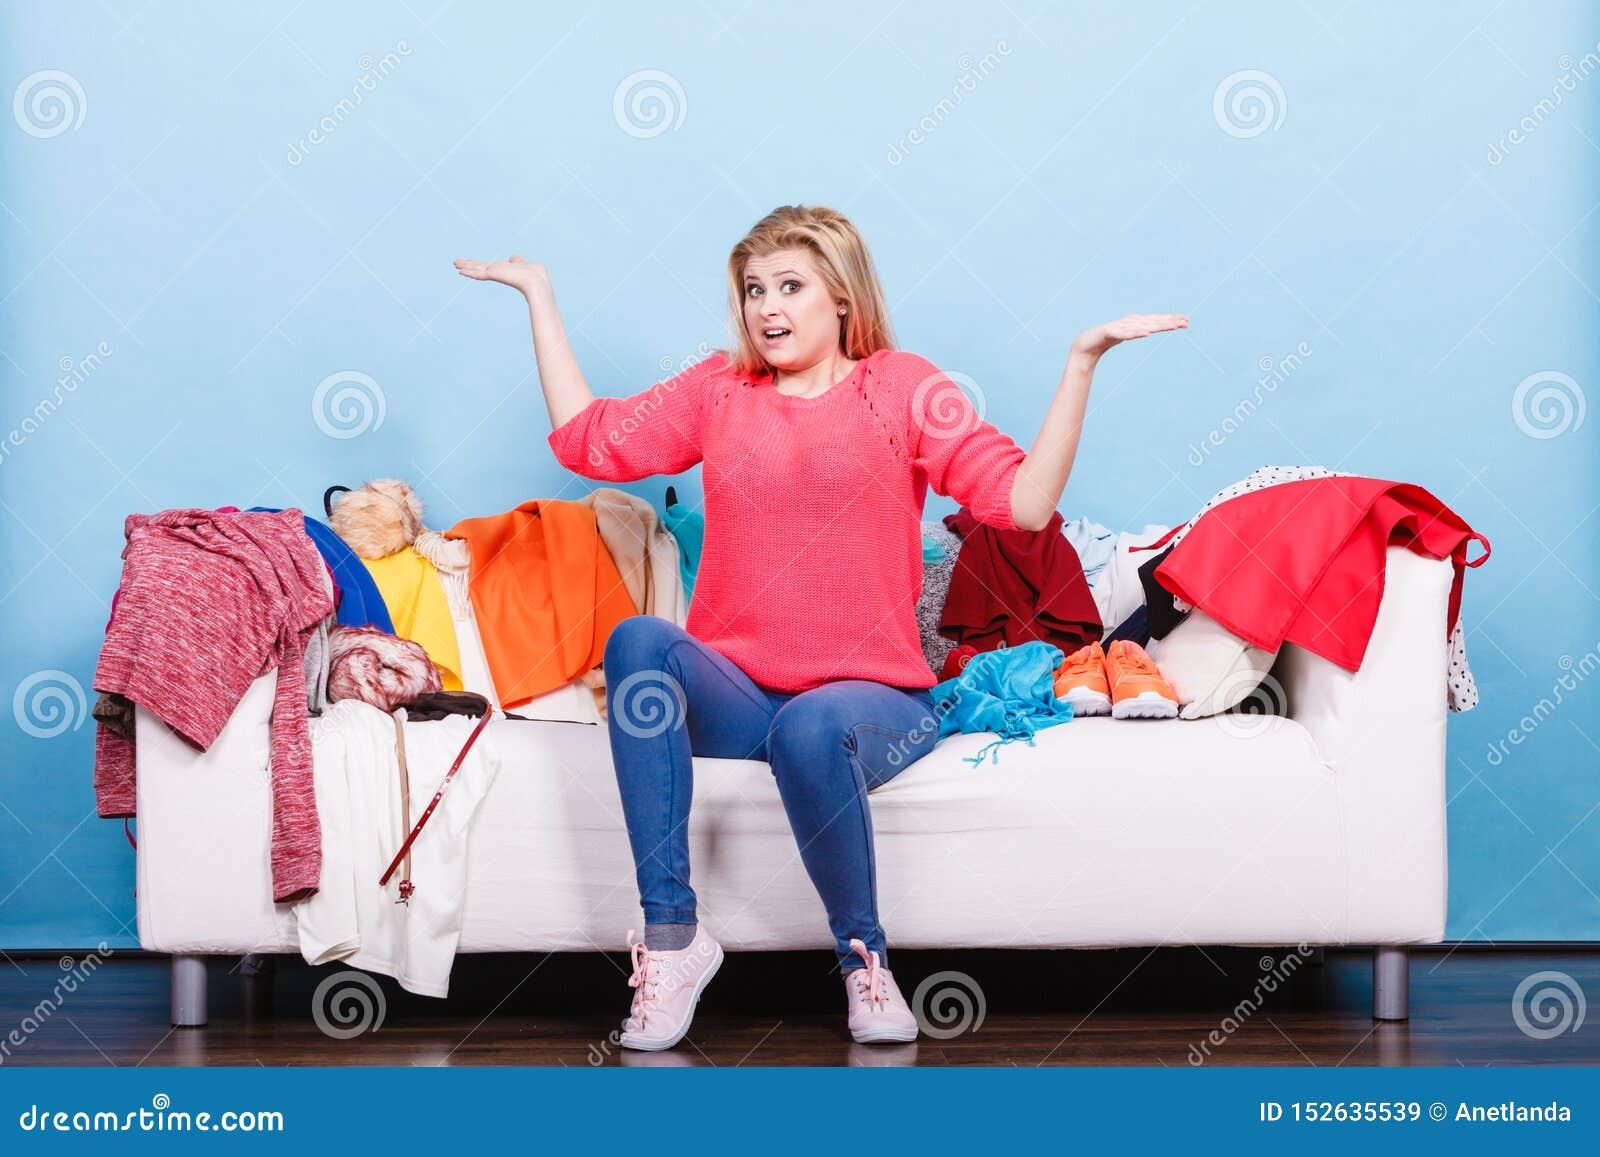 Frau kennt nicht was, das Sitzen auf Couch zu tragen